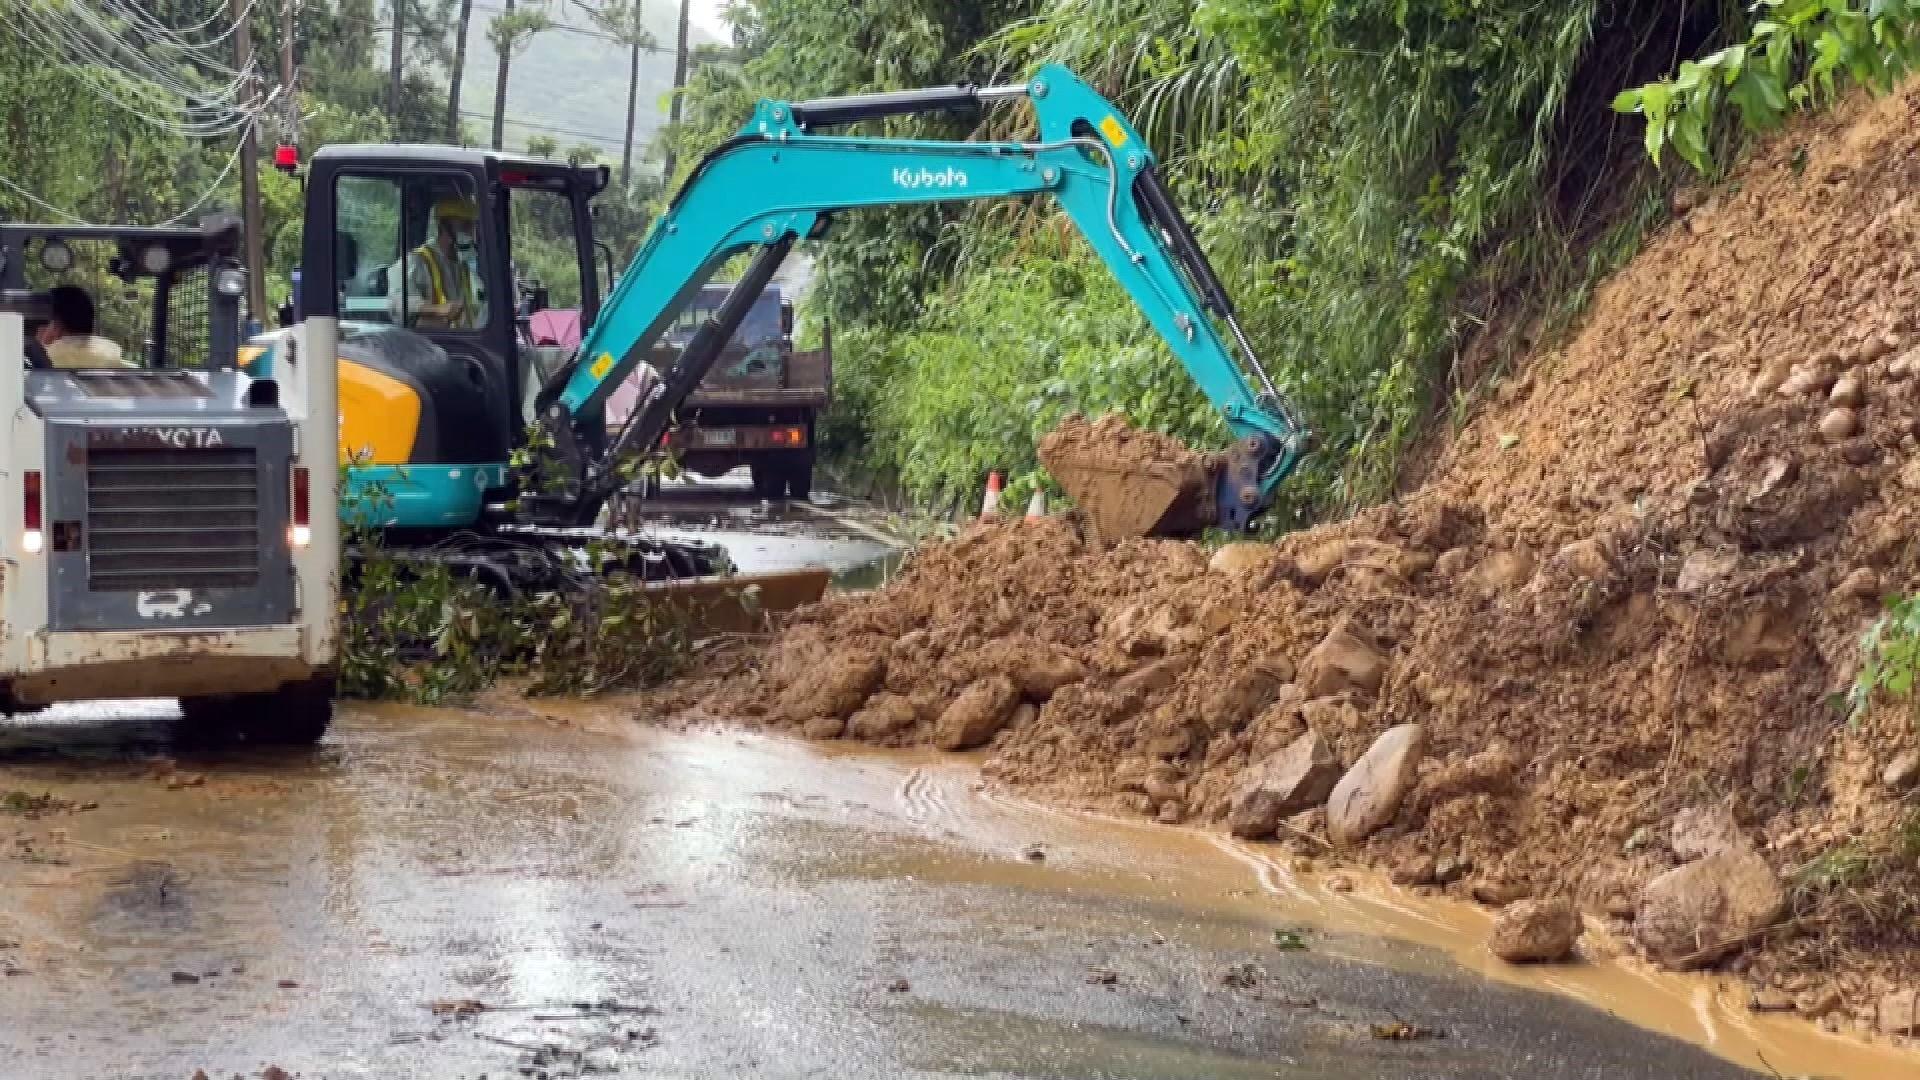 Curah hujan di Hsinchu akibat sirkulasi perifer In-Fa tembus 300 mm